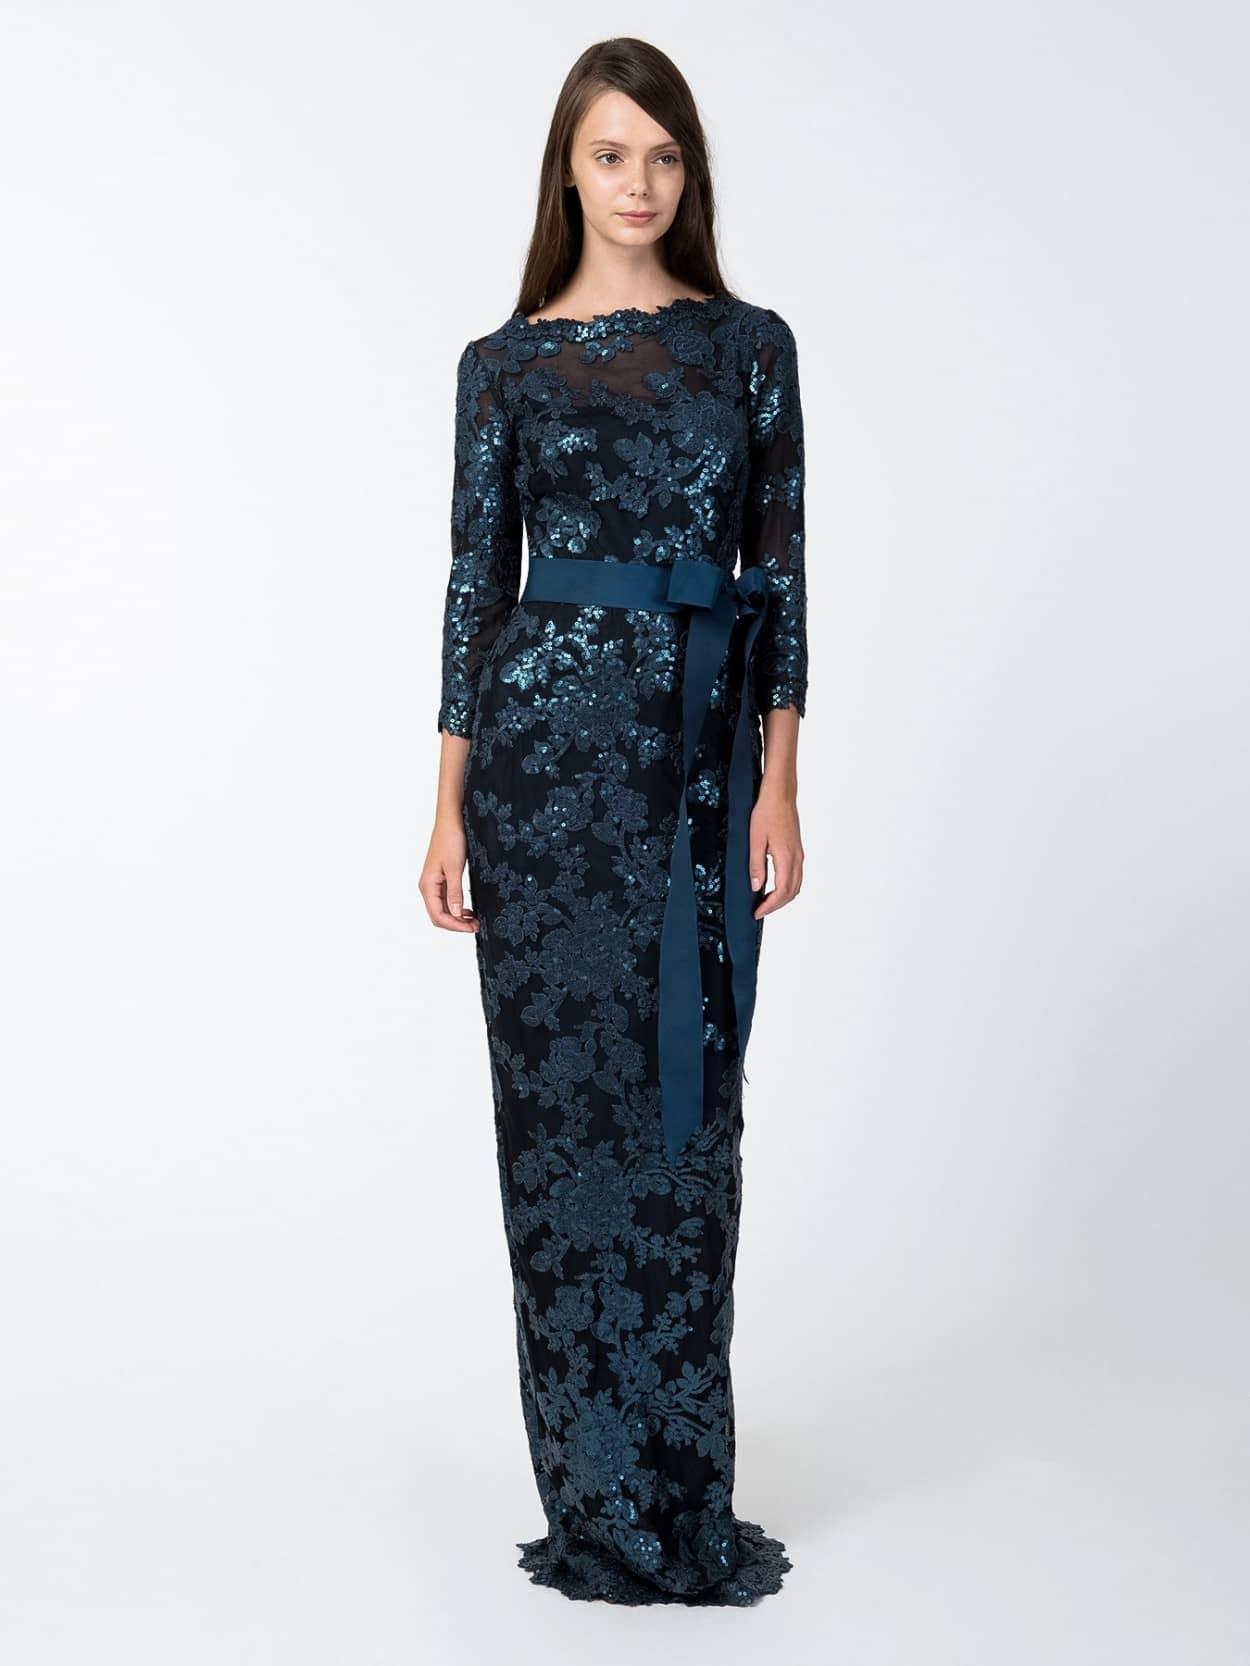 Недорогие вечерние платья на выпускной 3